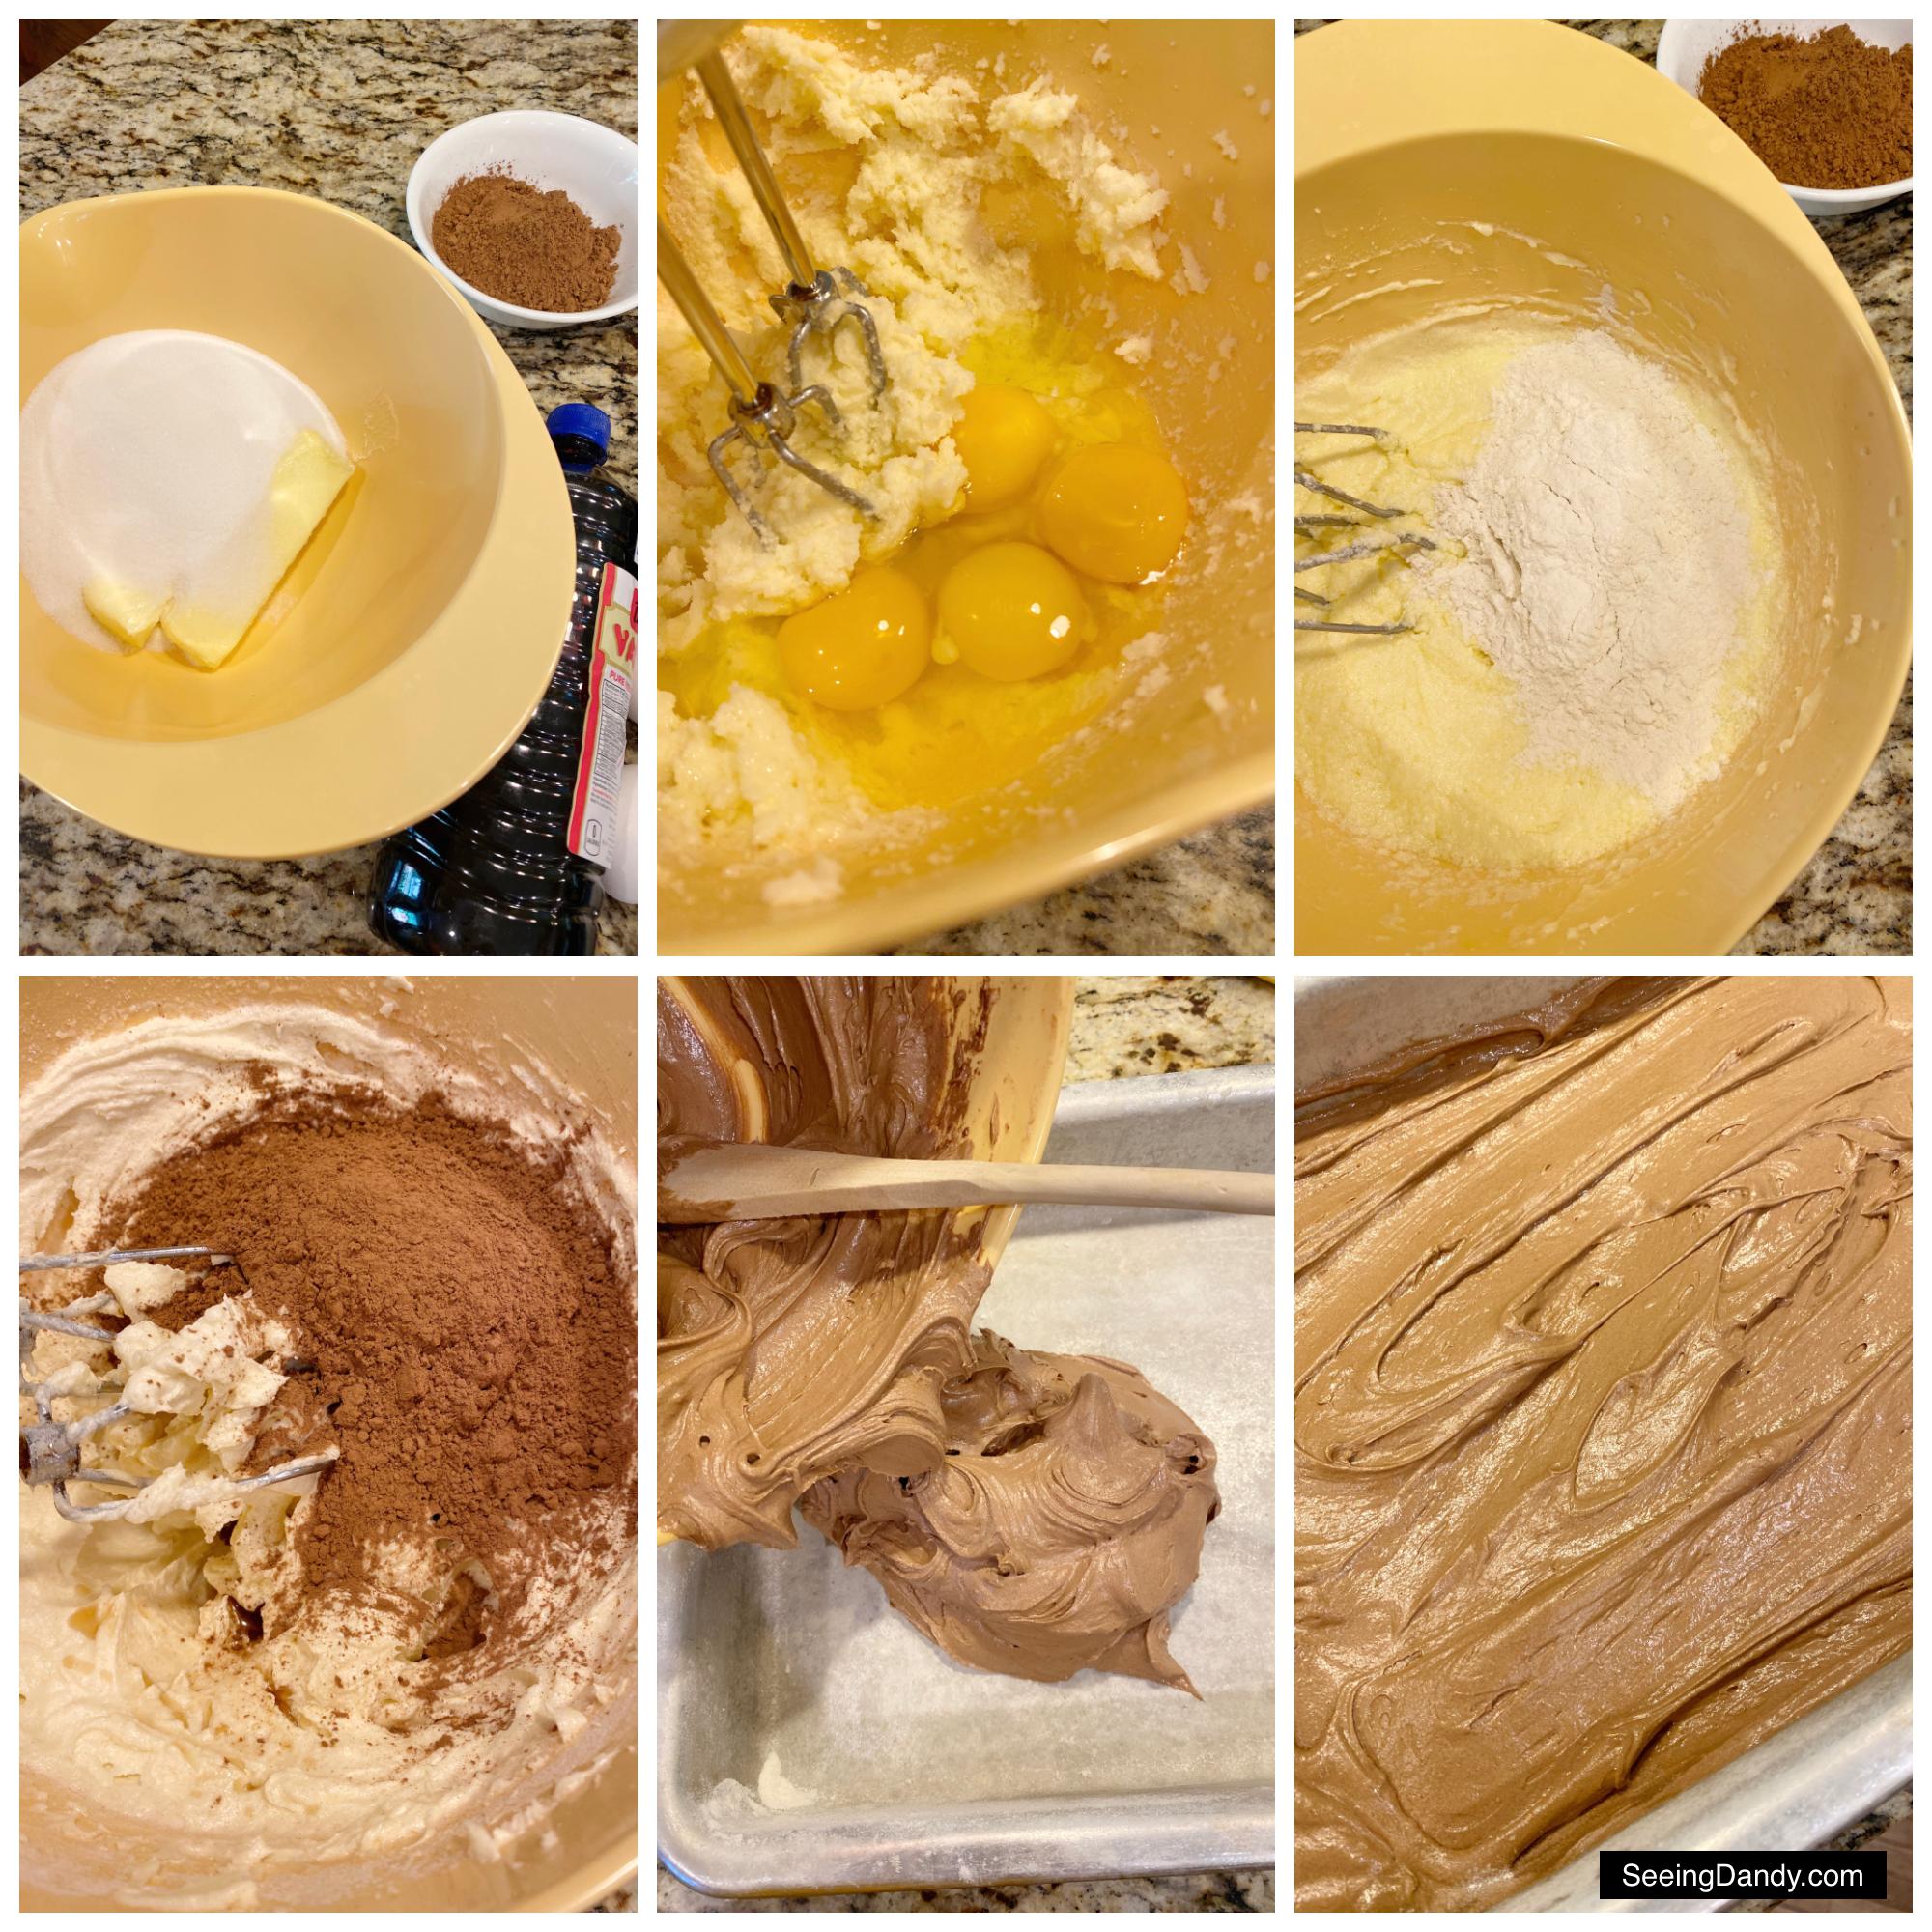 easy recipes, fall recipe, fall dessert, delicious desserts, favorite recipes, family recipe, williams sonoma yellow mixing bowl, danncy vanilla extract, pure mexican vanilla